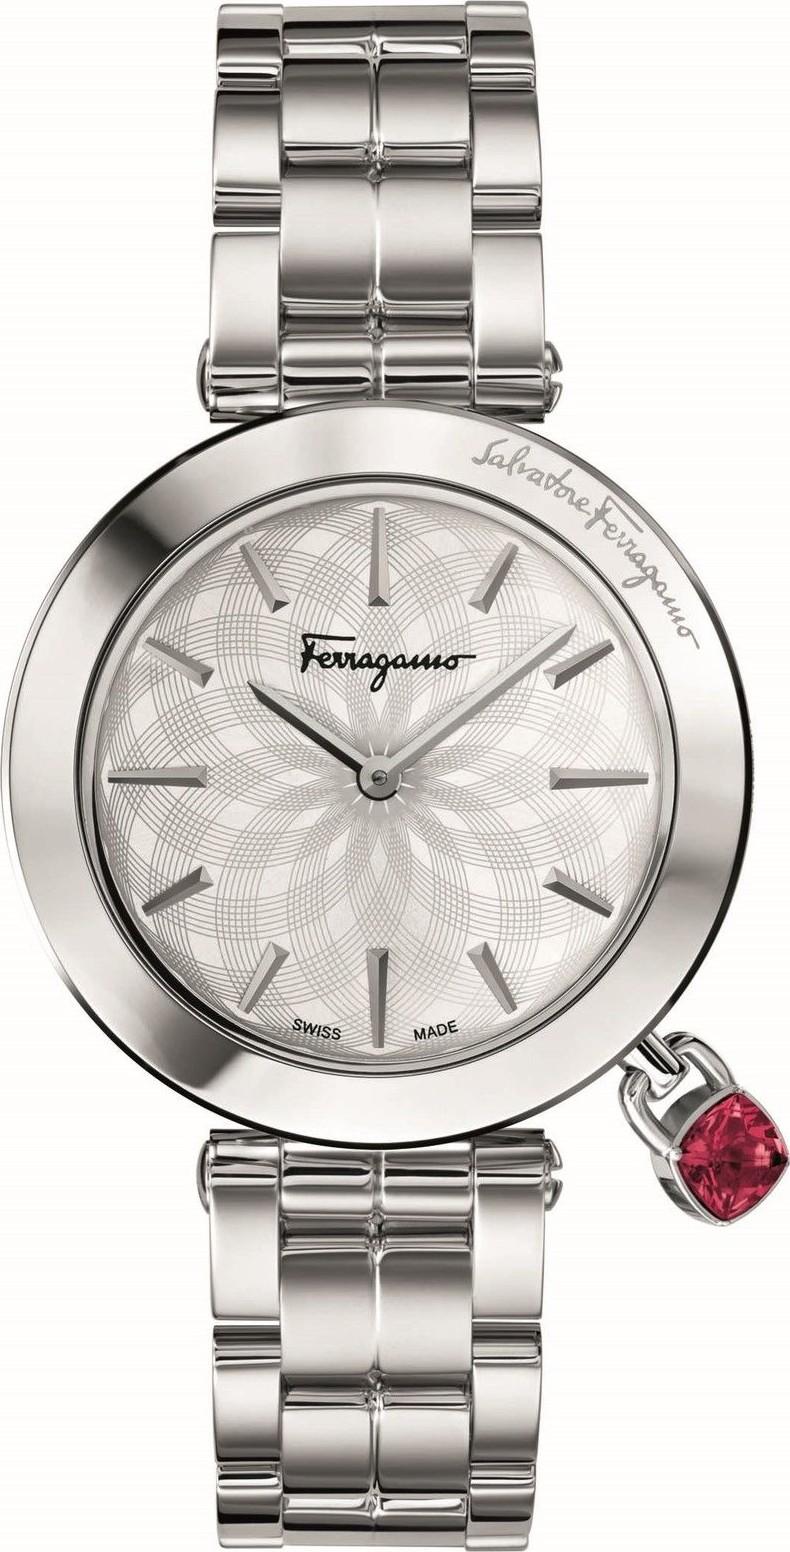 Salvatore Ferragamo FIC020015 Intreccio Silver Watch 36mm